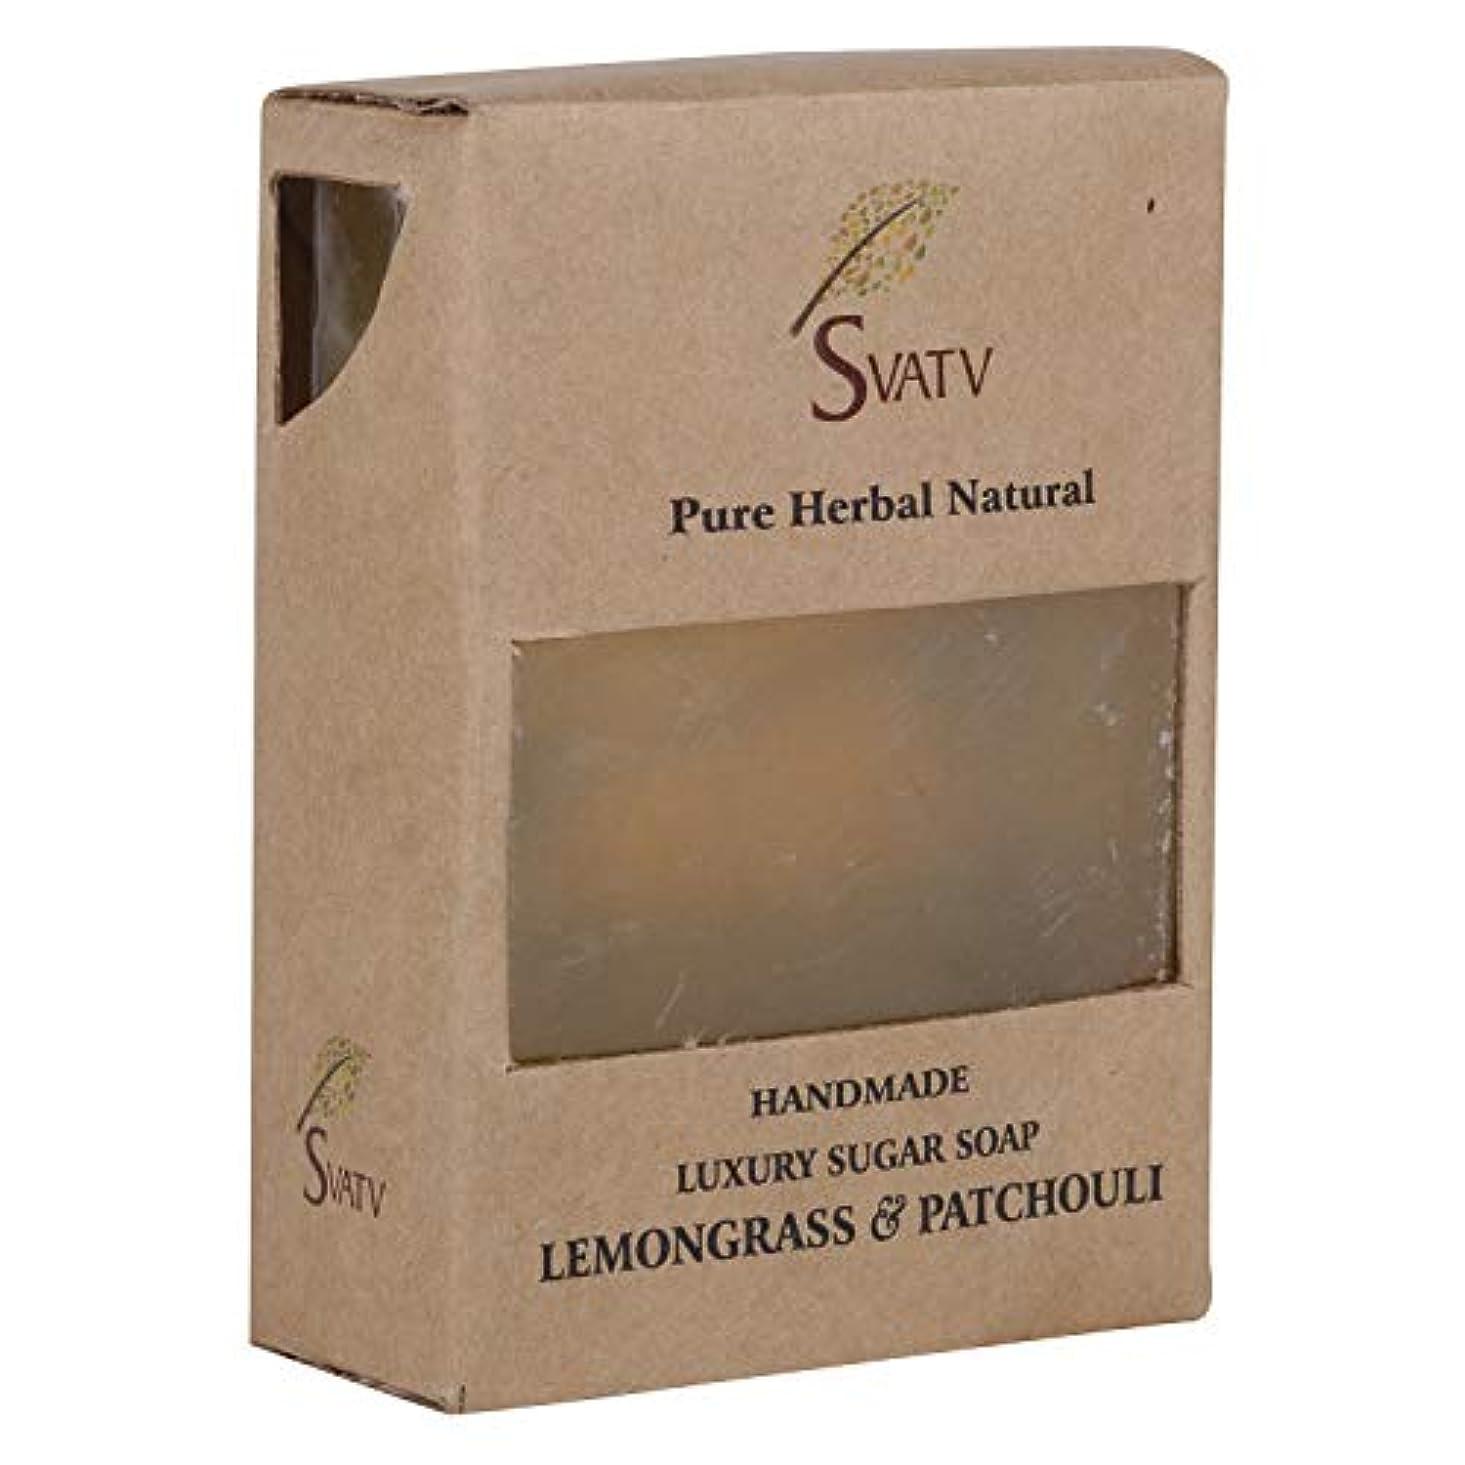 熟考する租界殺すSVATV Handmade Luxury Sugar Soap Lemongrass & Patchouli For All Skin types 100g Bar